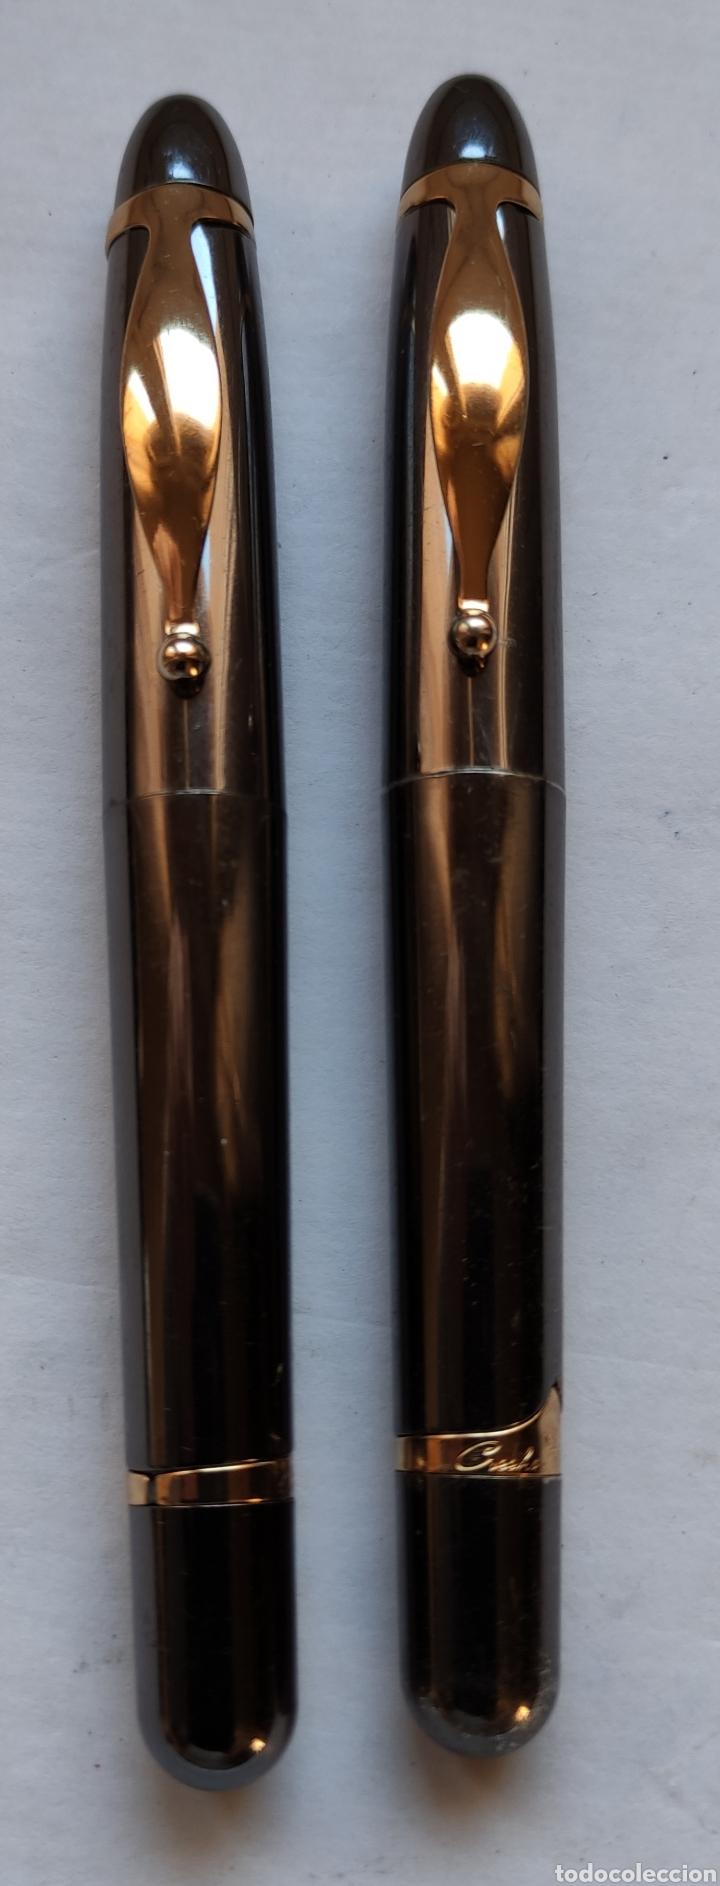 Estilográficas antiguas, bolígrafos y plumas: CREEKS &CREEKS - Foto 2 - 261102250